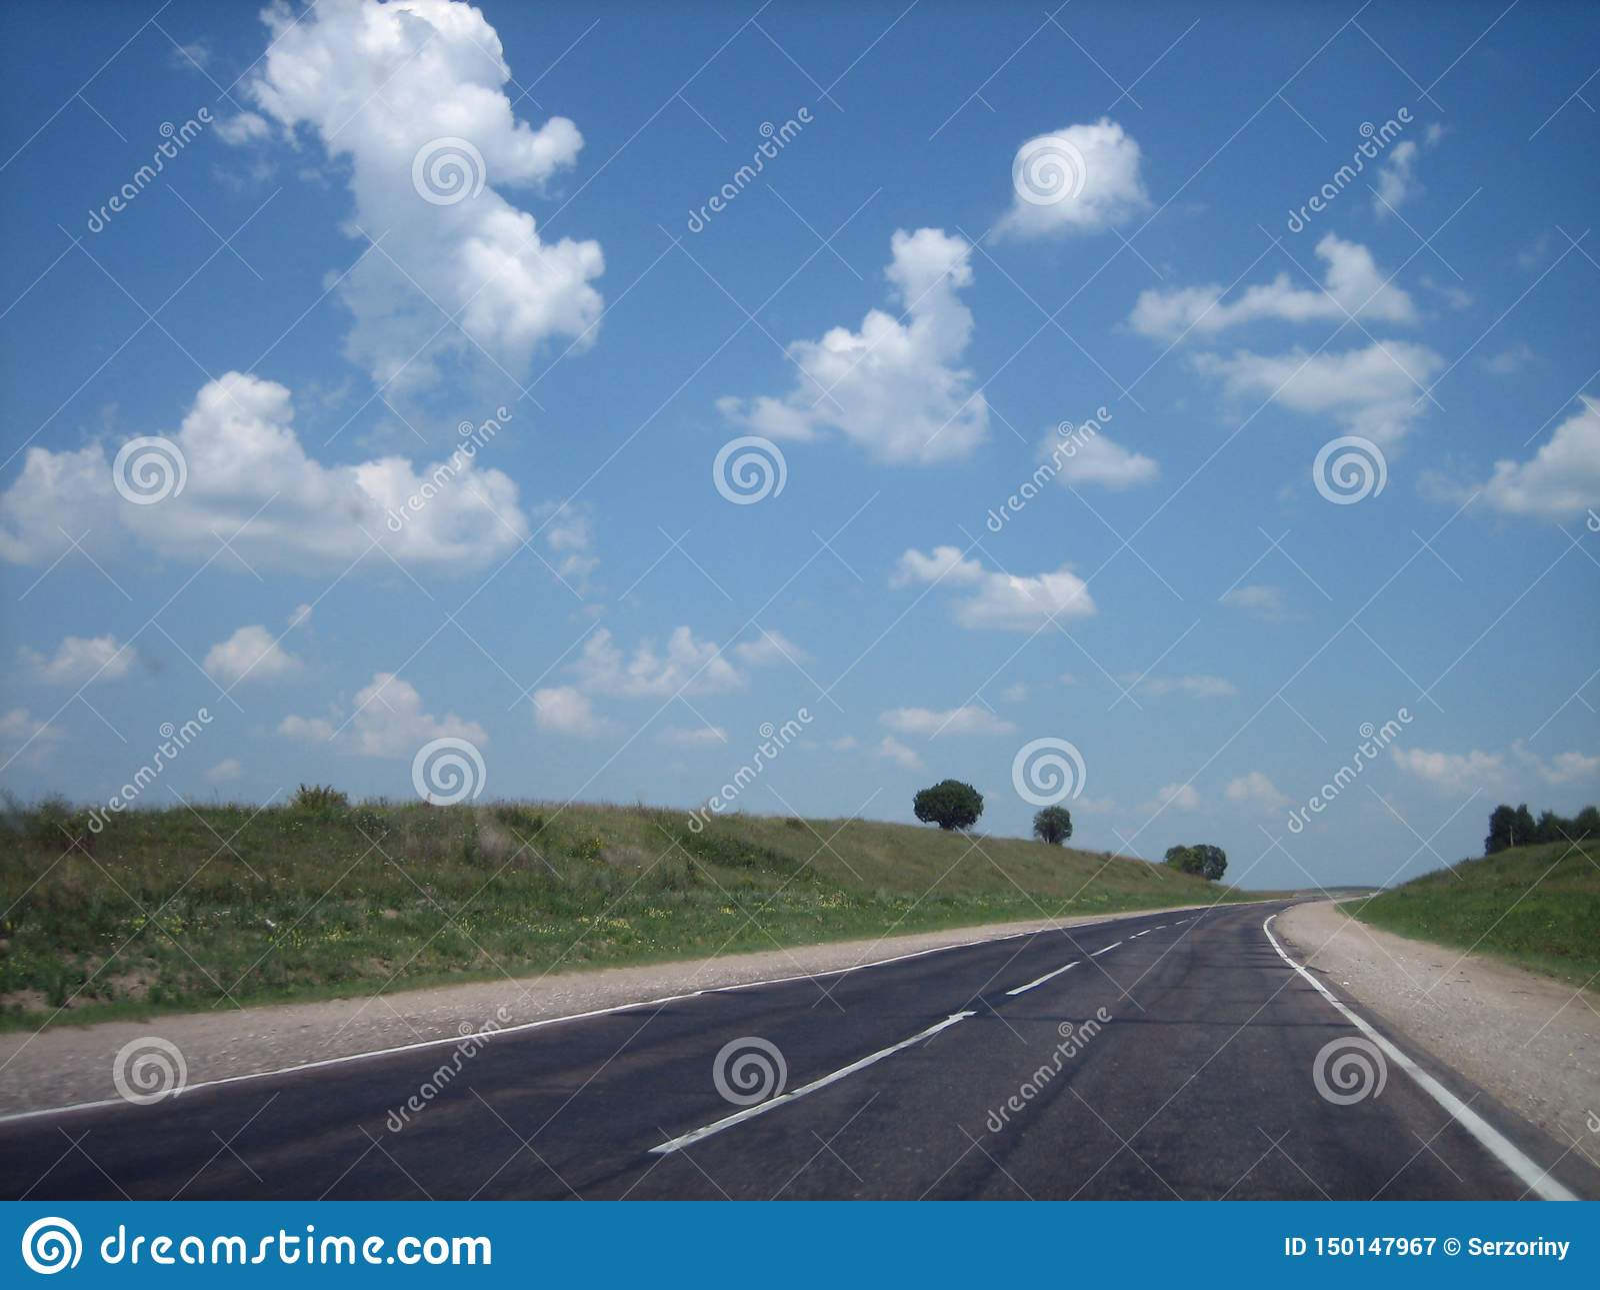 La carretera del coche en las grietas entra lejos la distancia en un día soleado brillante